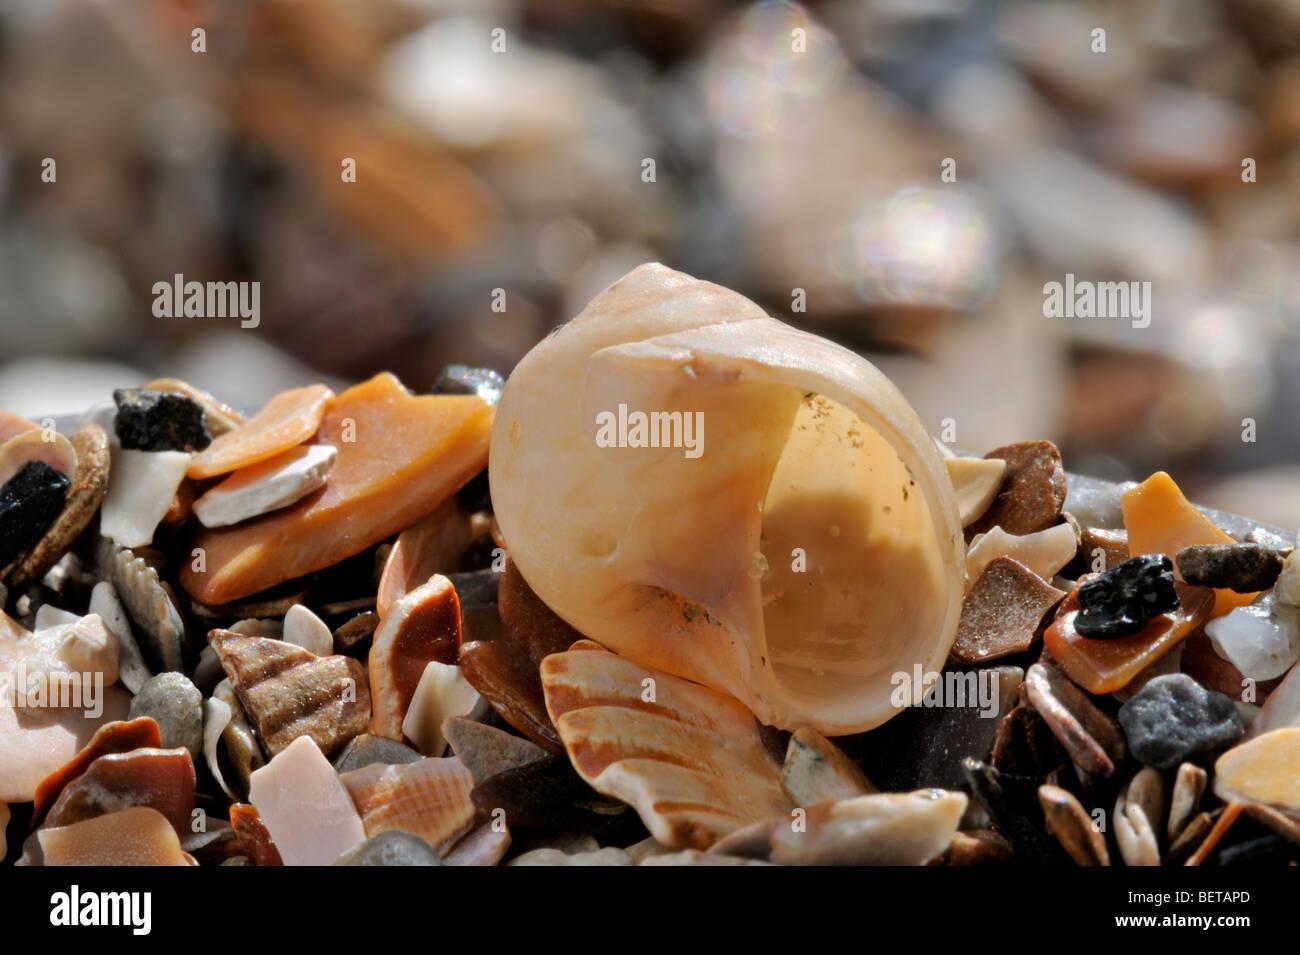 Alder's moon snail / Common necklace shell (Euspira pulchella / Euspira nitida) on beach - Stock Image